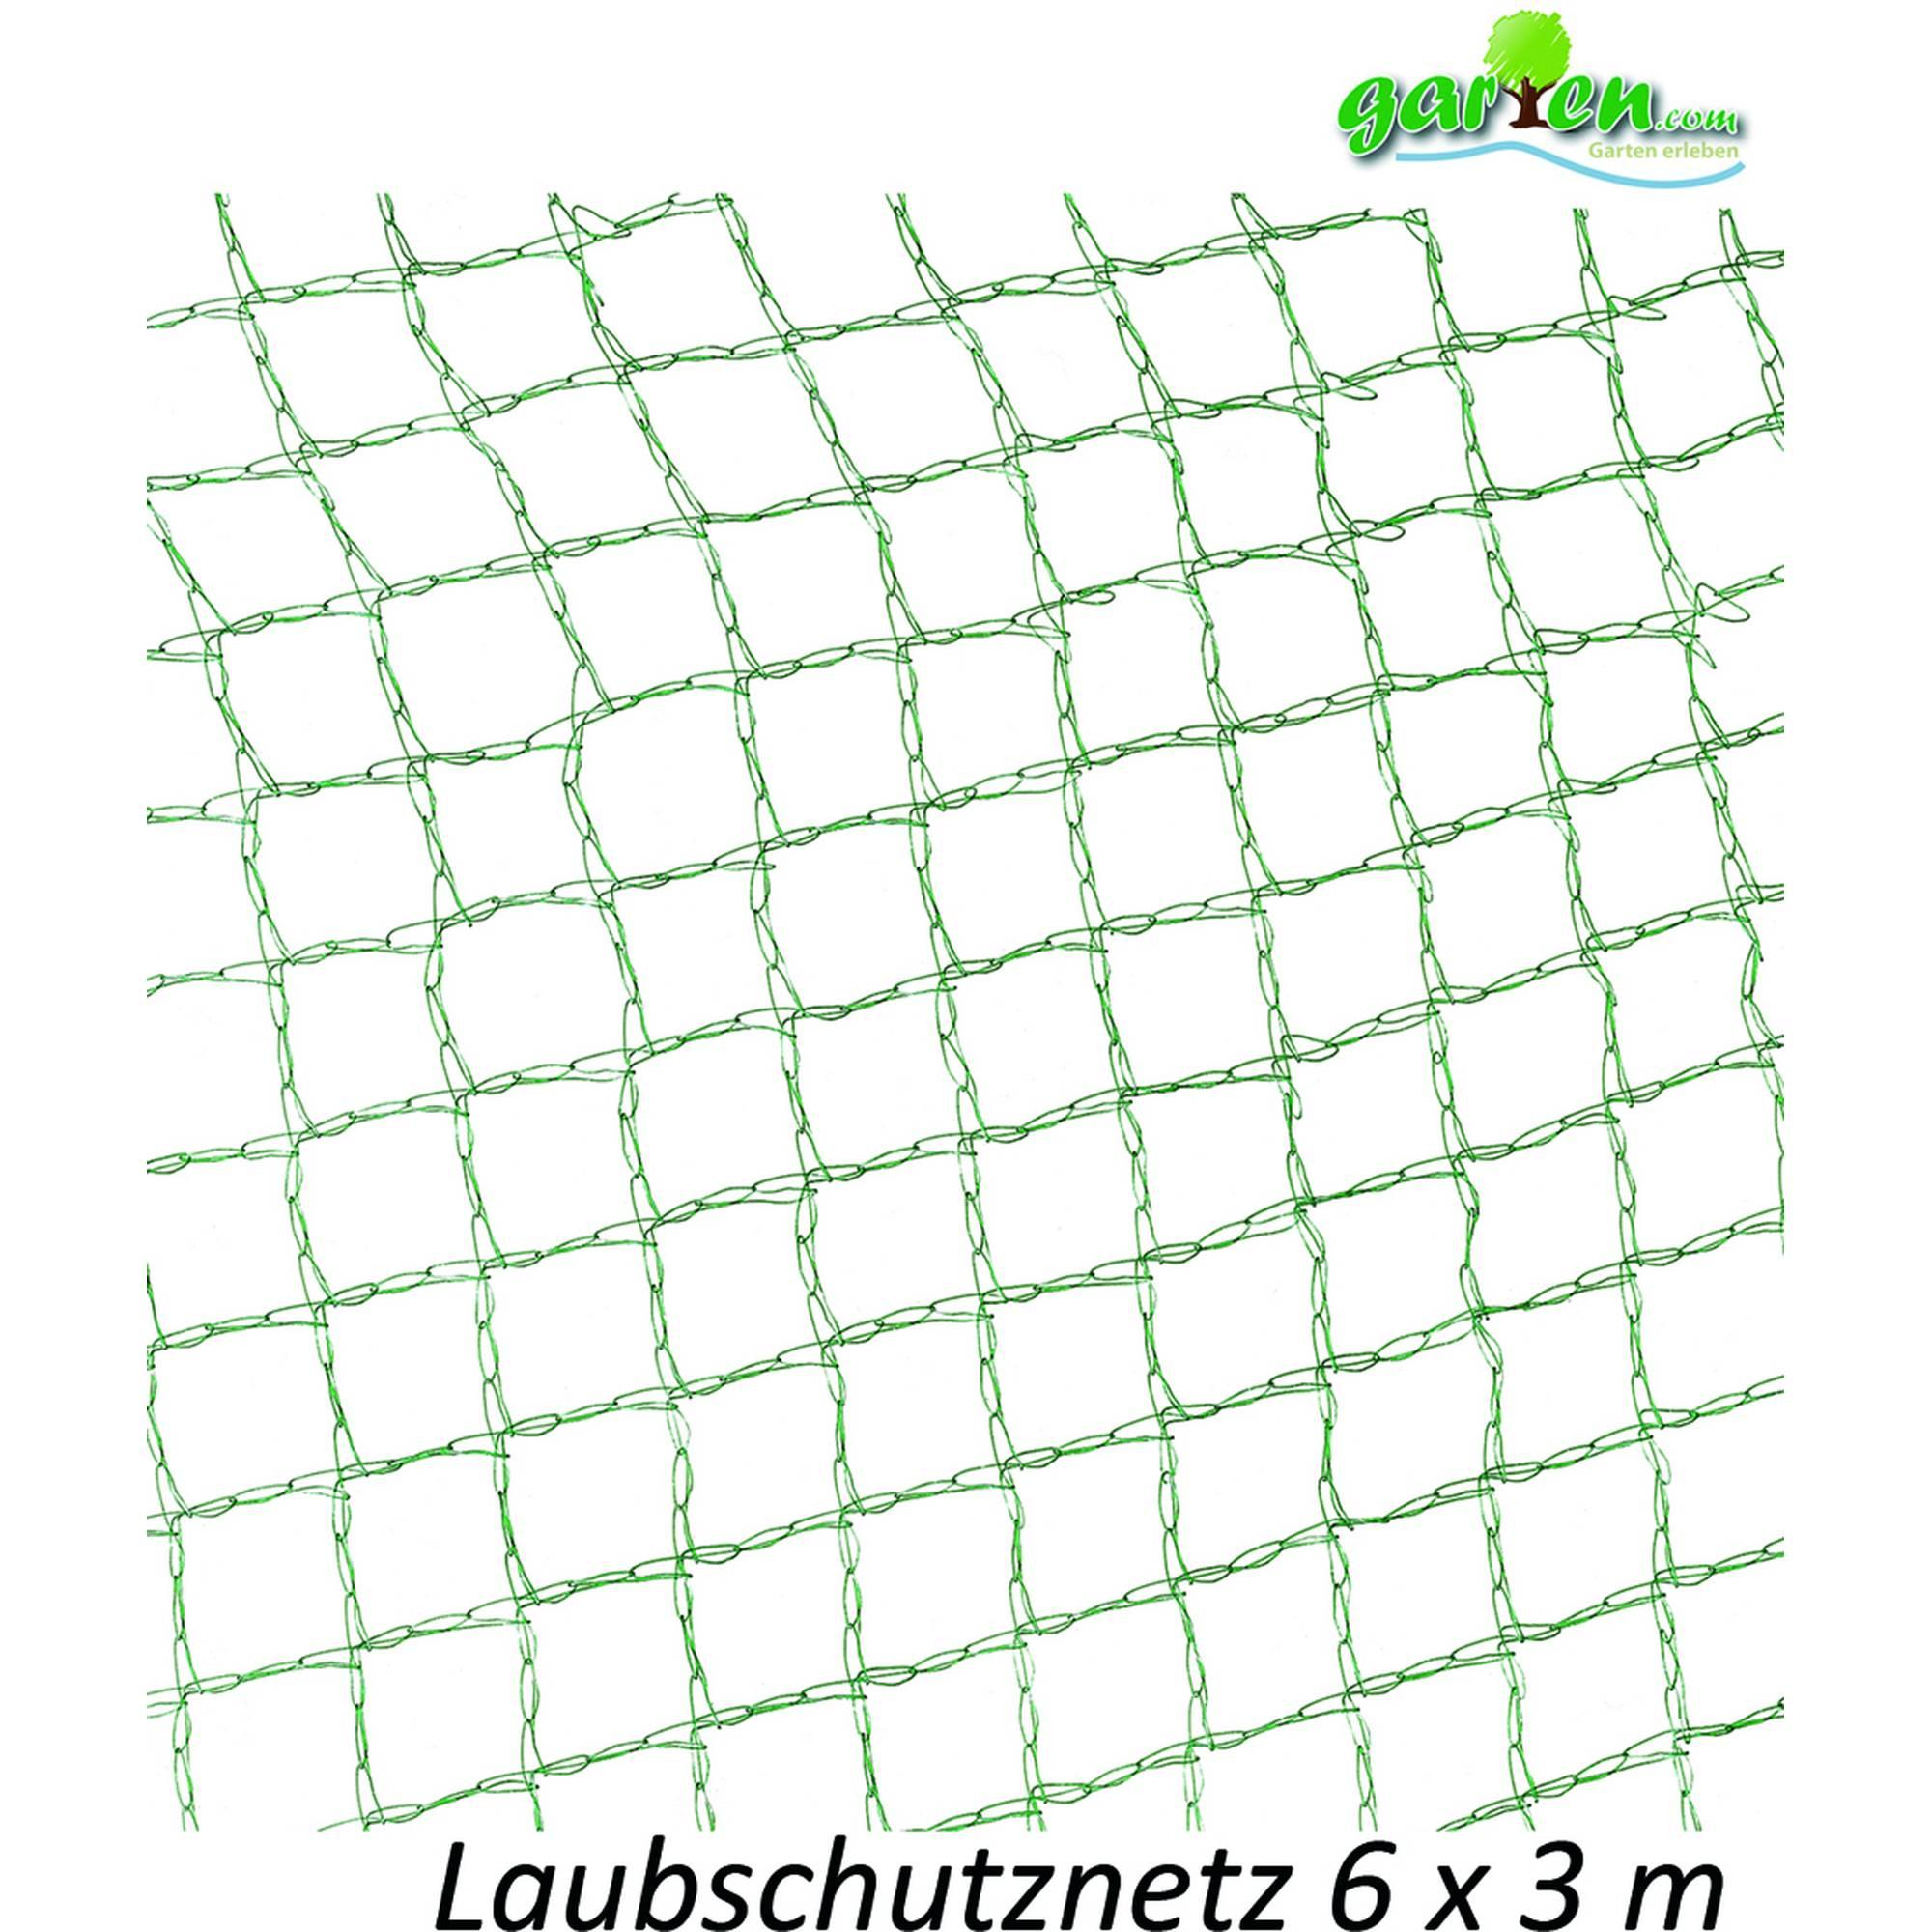 Laubschutznetz 6 x 3 m Teichnetz